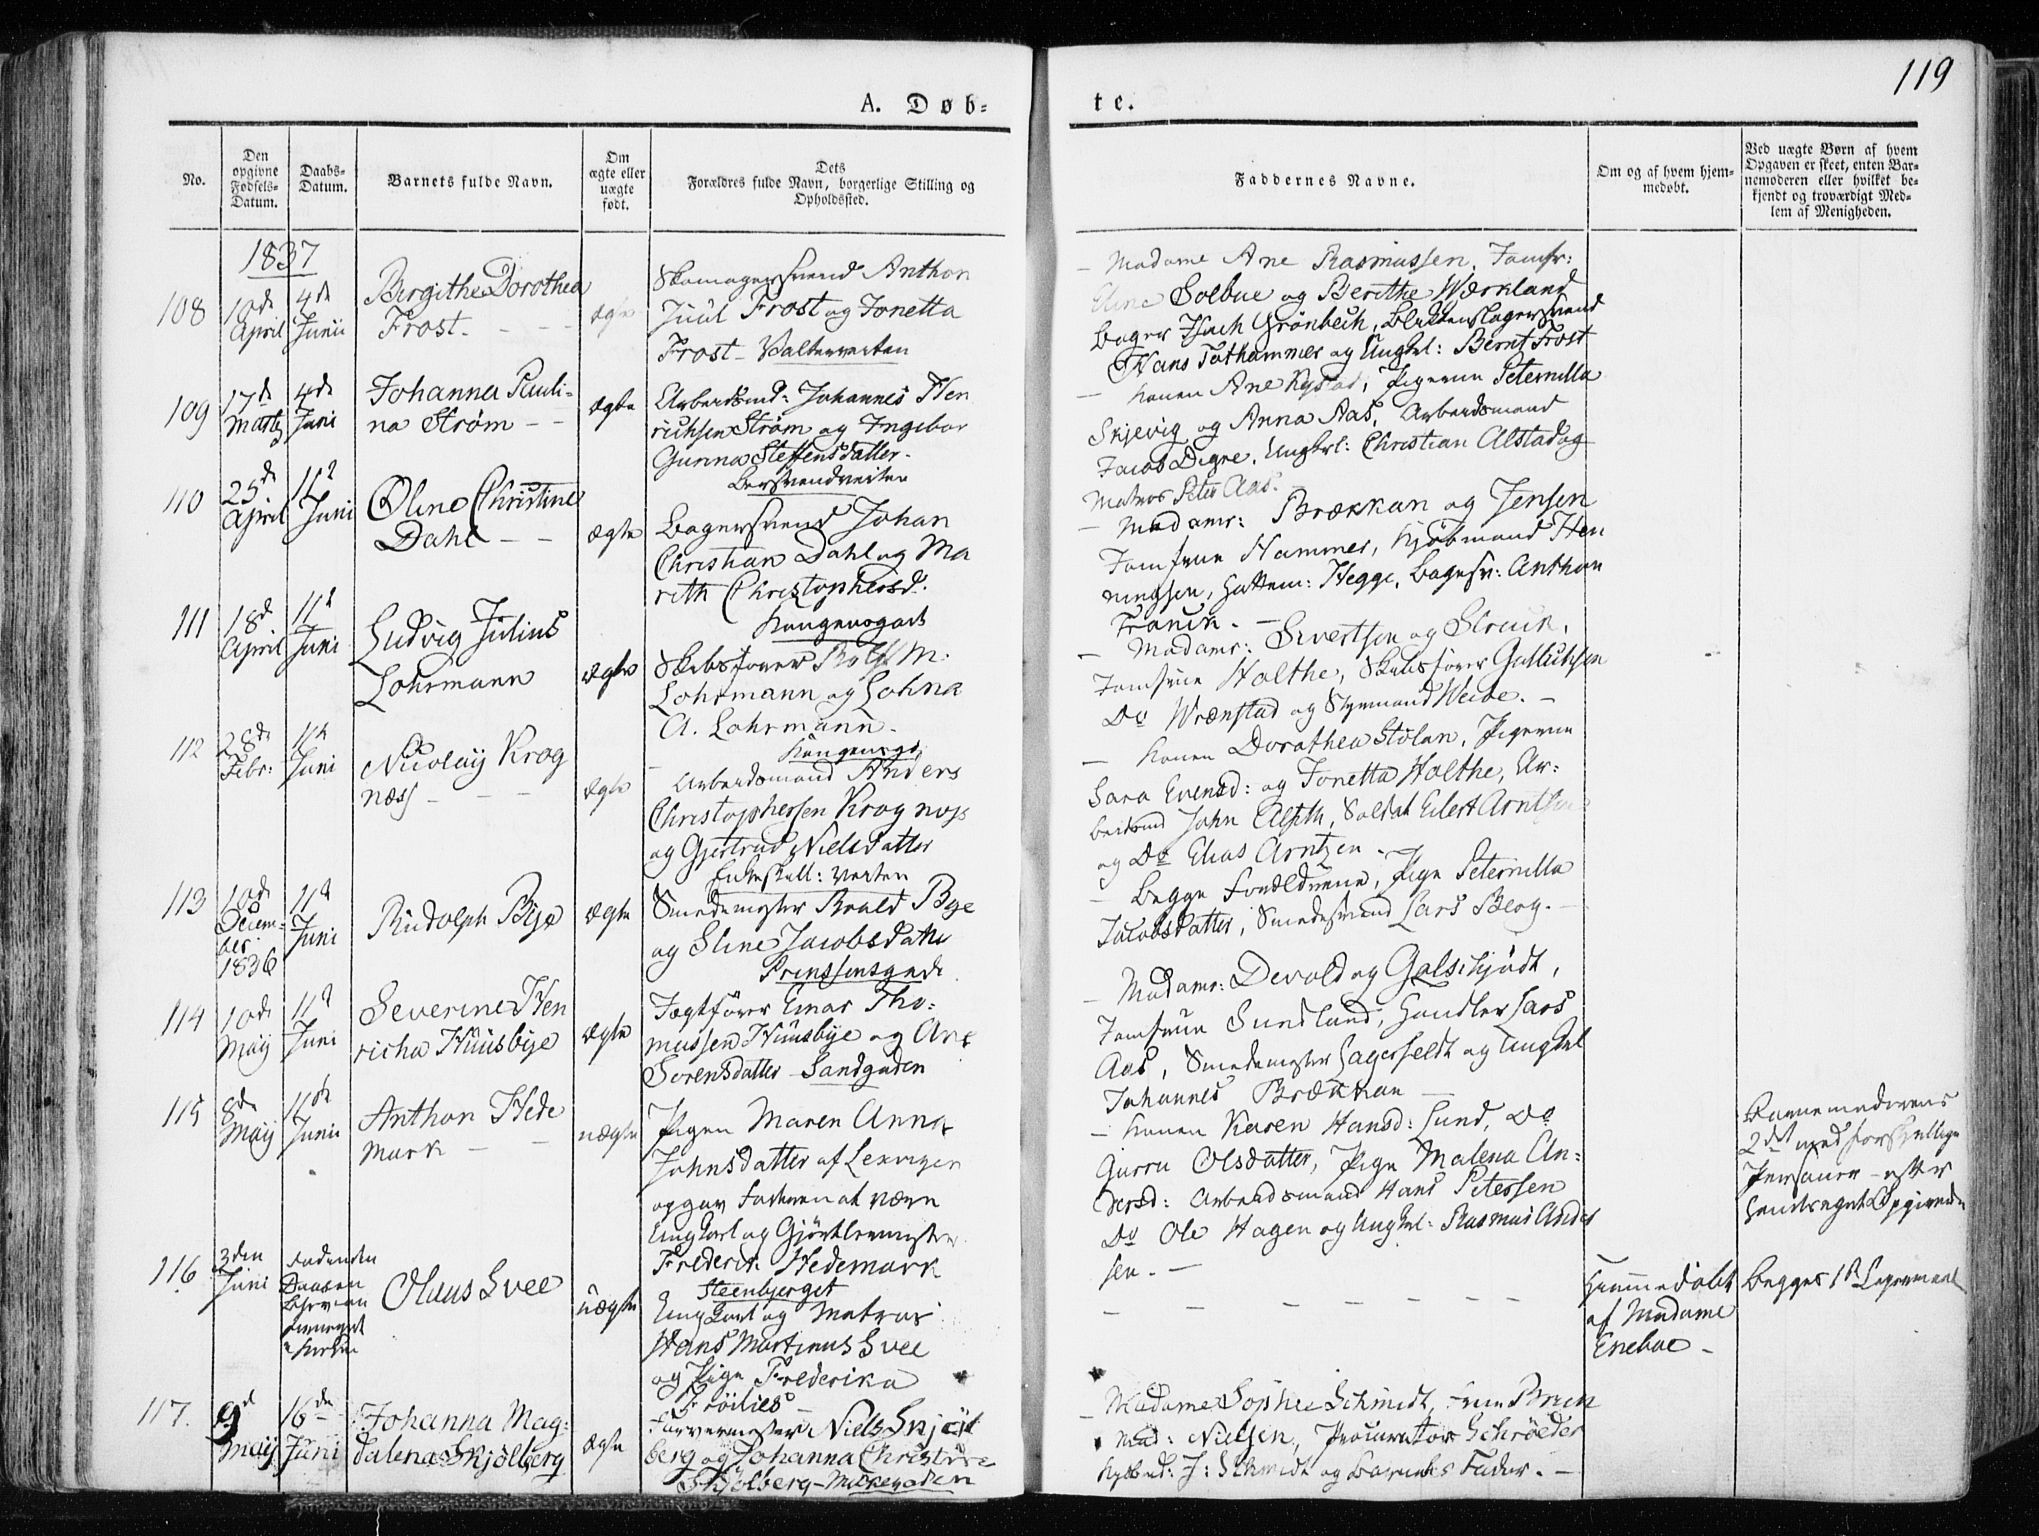 SAT, Ministerialprotokoller, klokkerbøker og fødselsregistre - Sør-Trøndelag, 601/L0047: Ministerialbok nr. 601A15, 1831-1839, s. 119